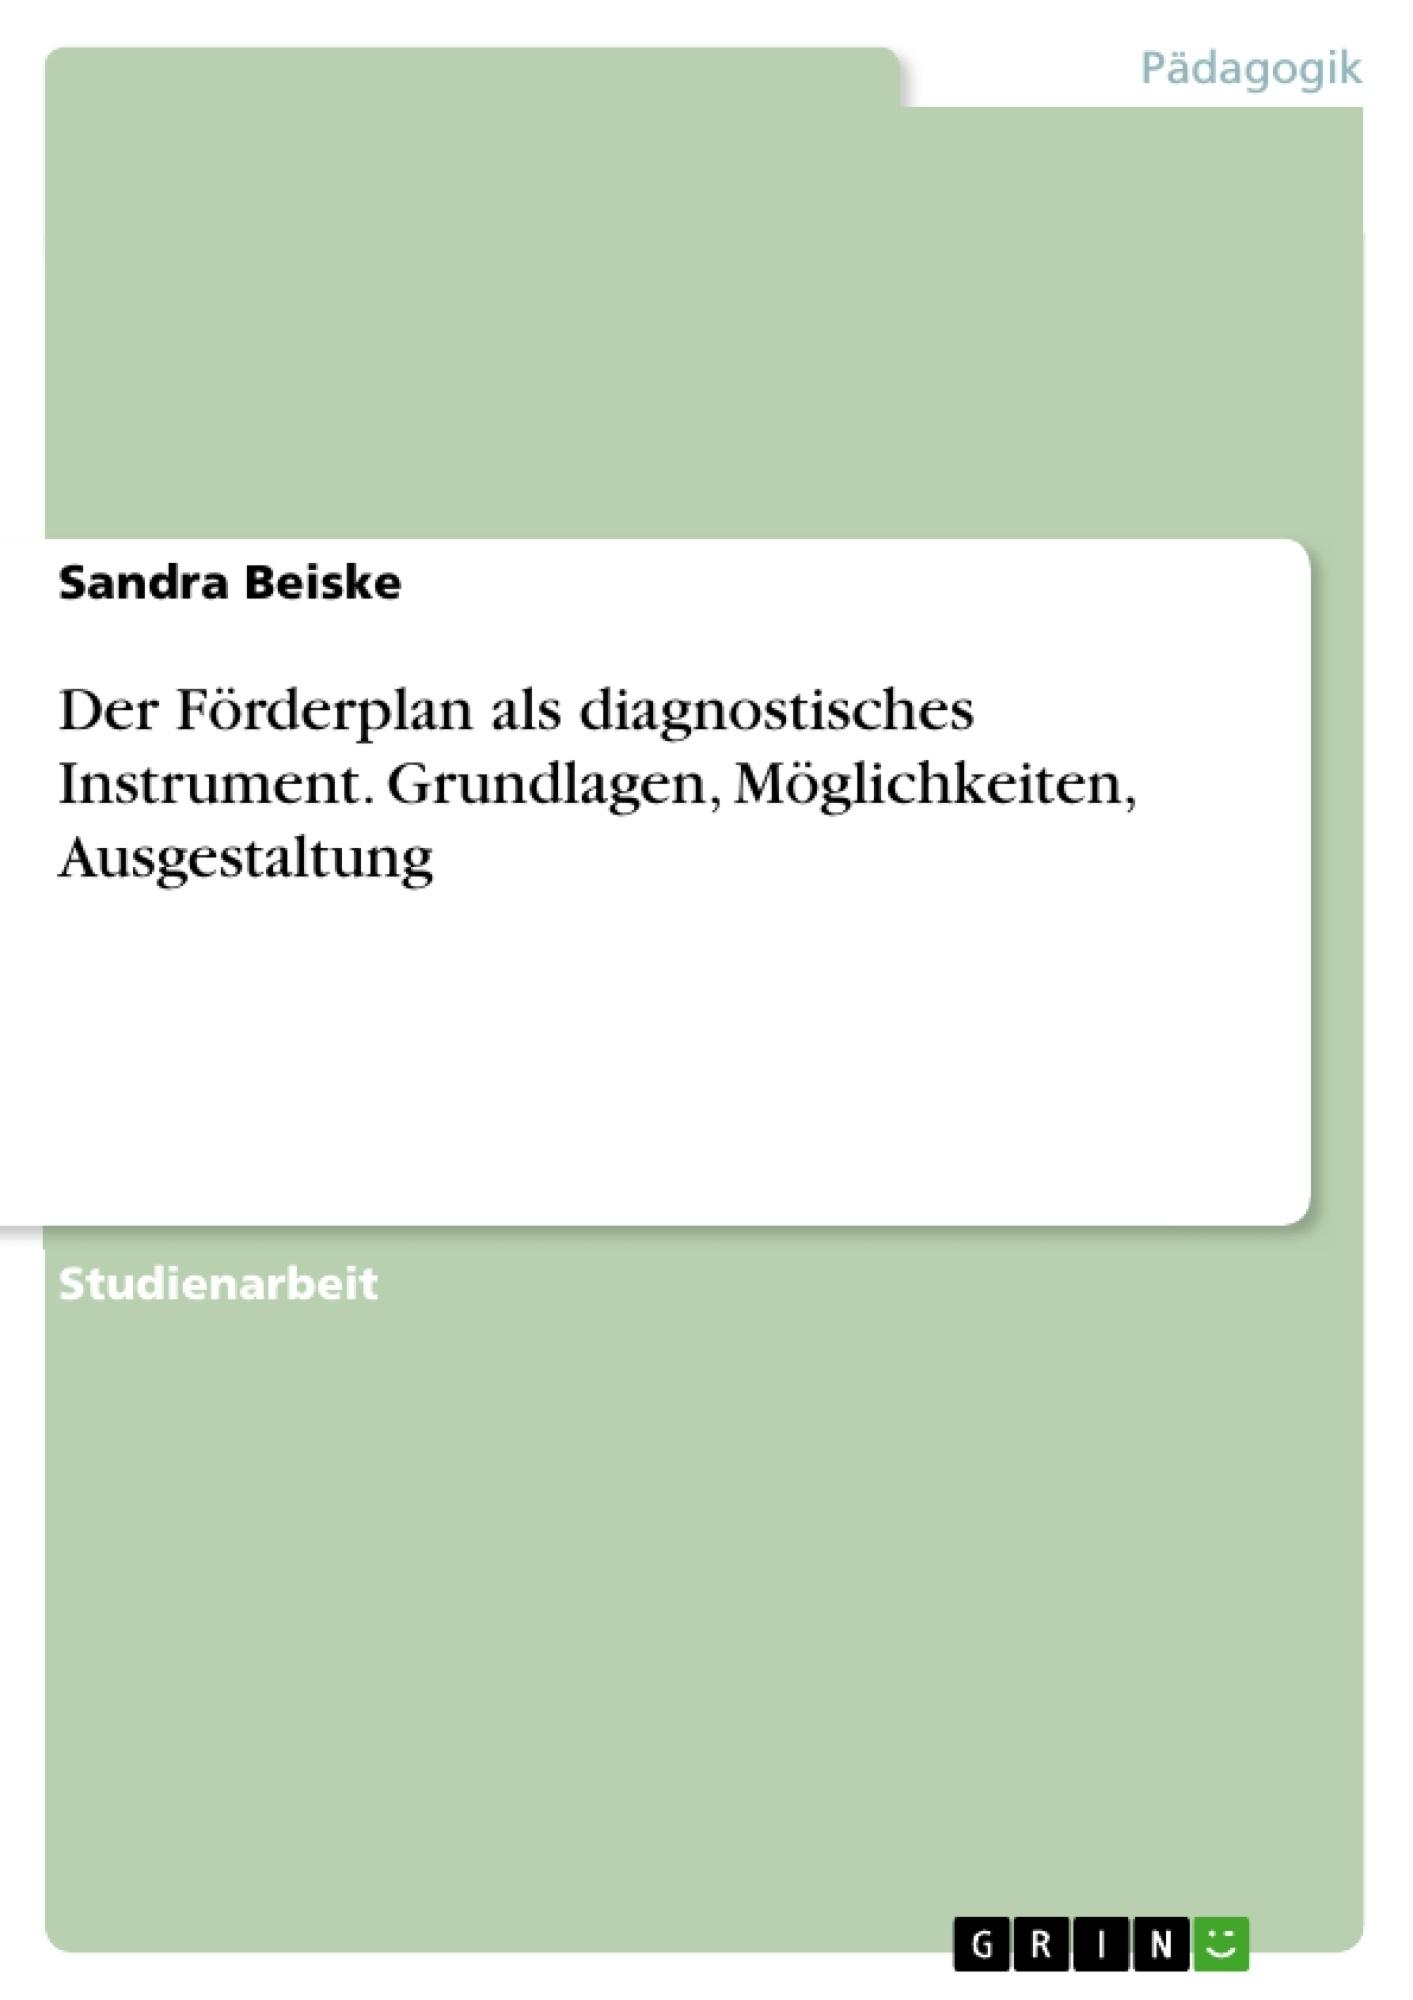 Titel: Der Förderplan als diagnostisches Instrument. Grundlagen, Möglichkeiten, Ausgestaltung